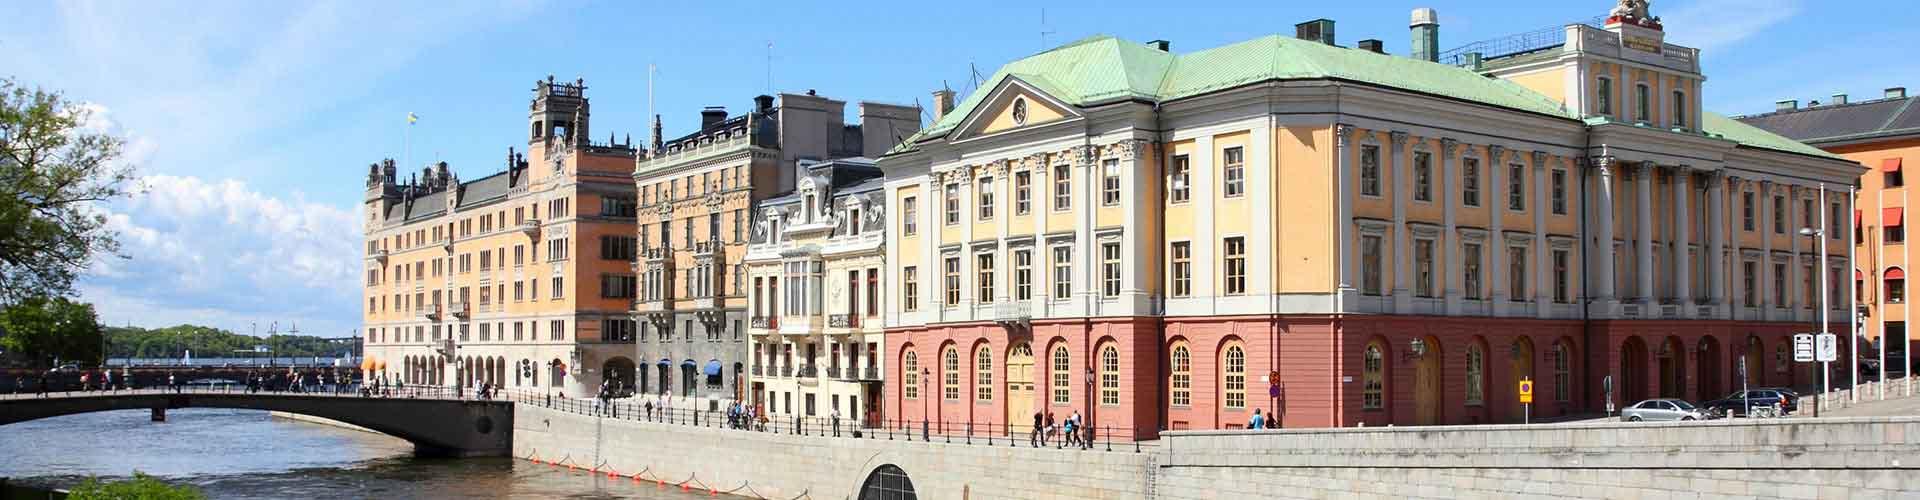 Stockholm - Appartements dans le quartier de Norrmalm. Cartes pour Stockholm, photos et commentaires pour chaque appartement à Stockholm.